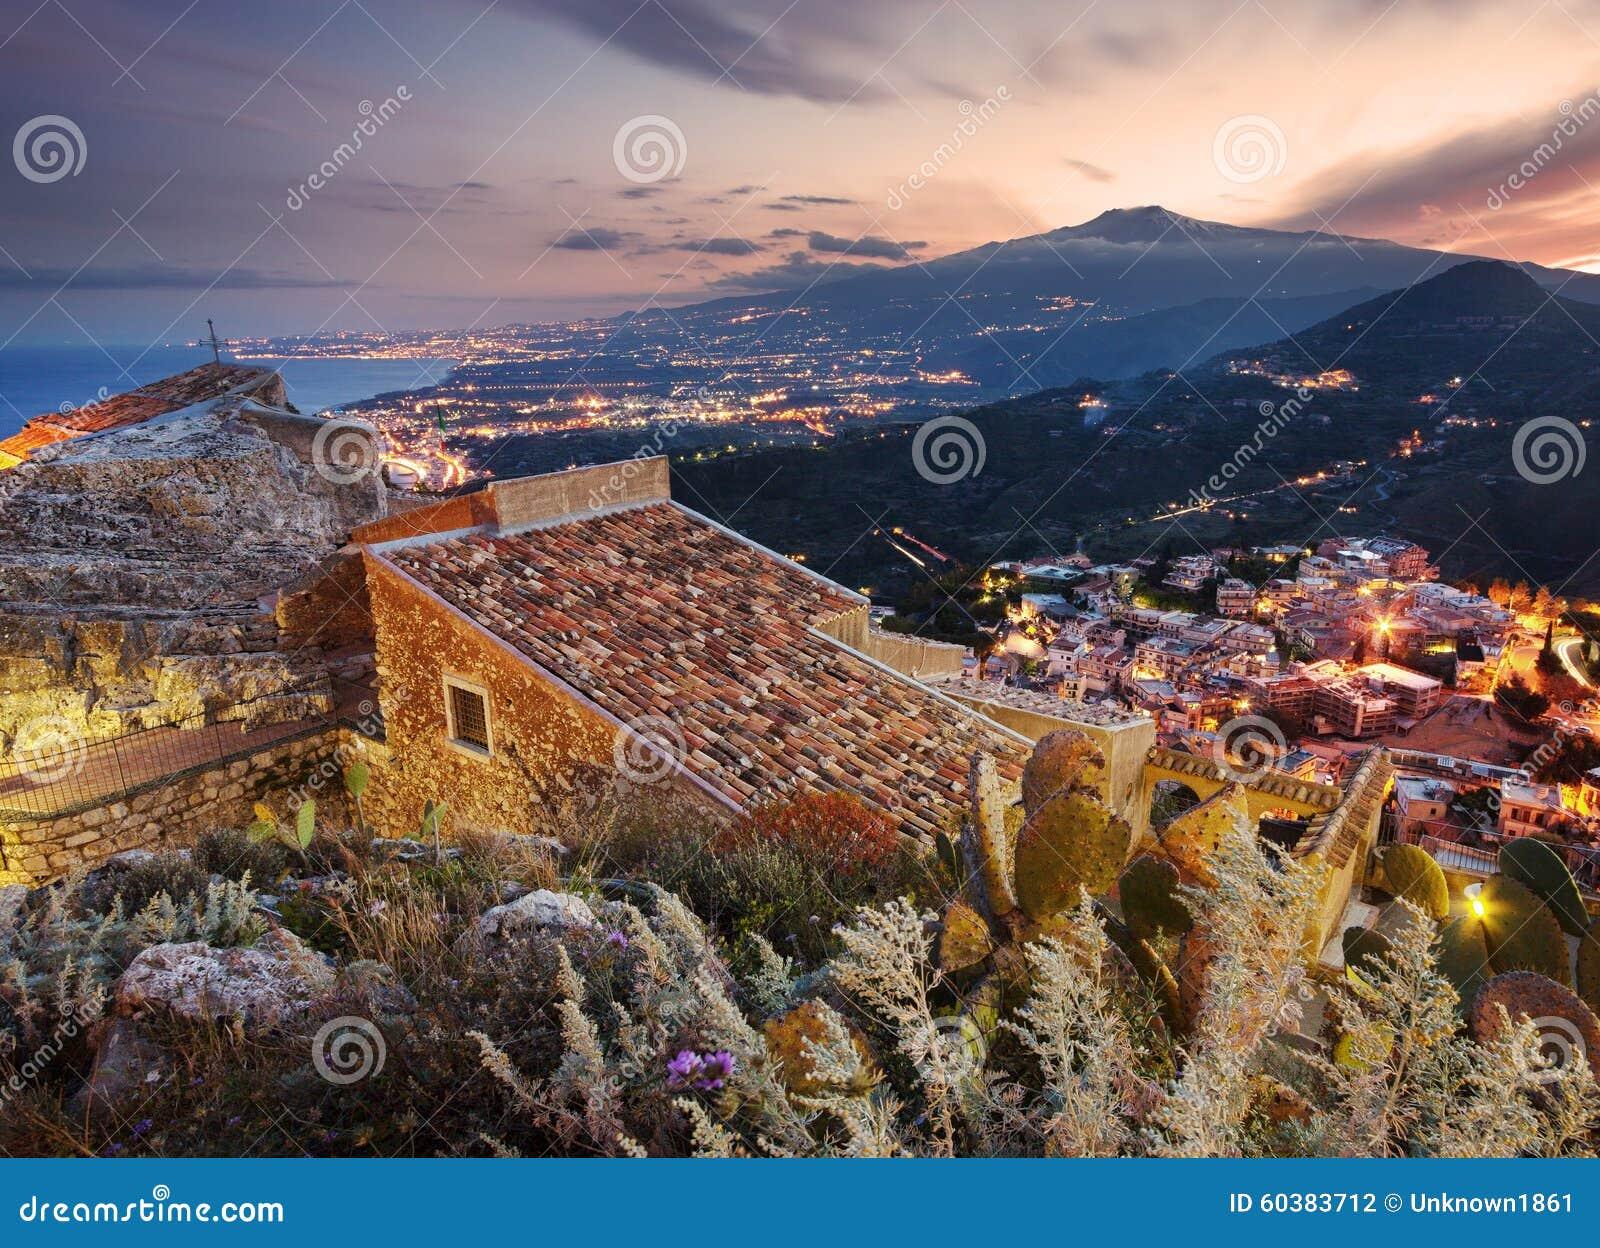 Etna zet gezien van Taormina op